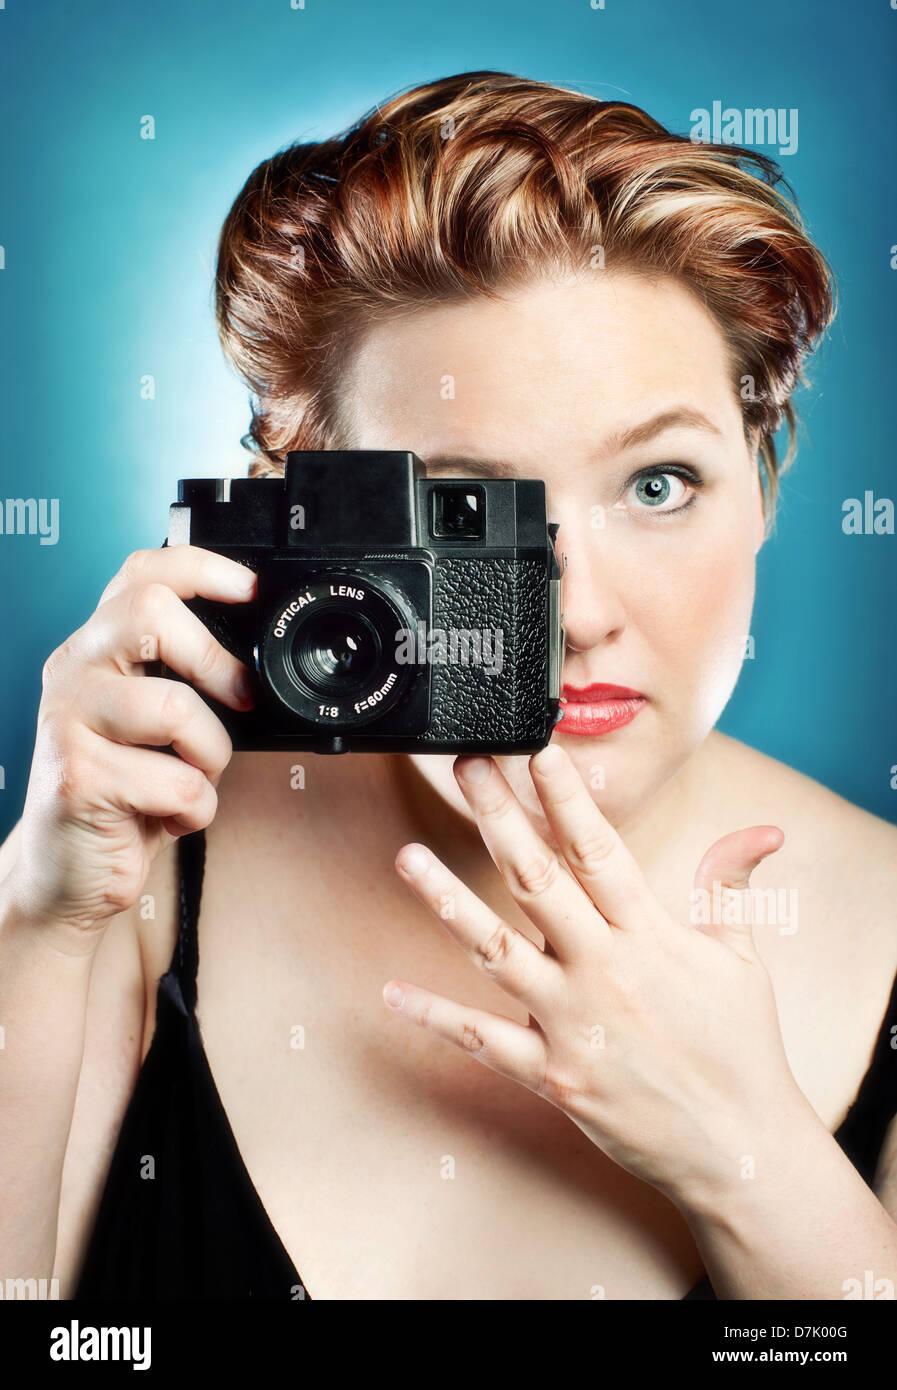 Retrato de mujer joven tomando una fotografía con una cámara de juguete en studio contra el telón Imagen De Stock